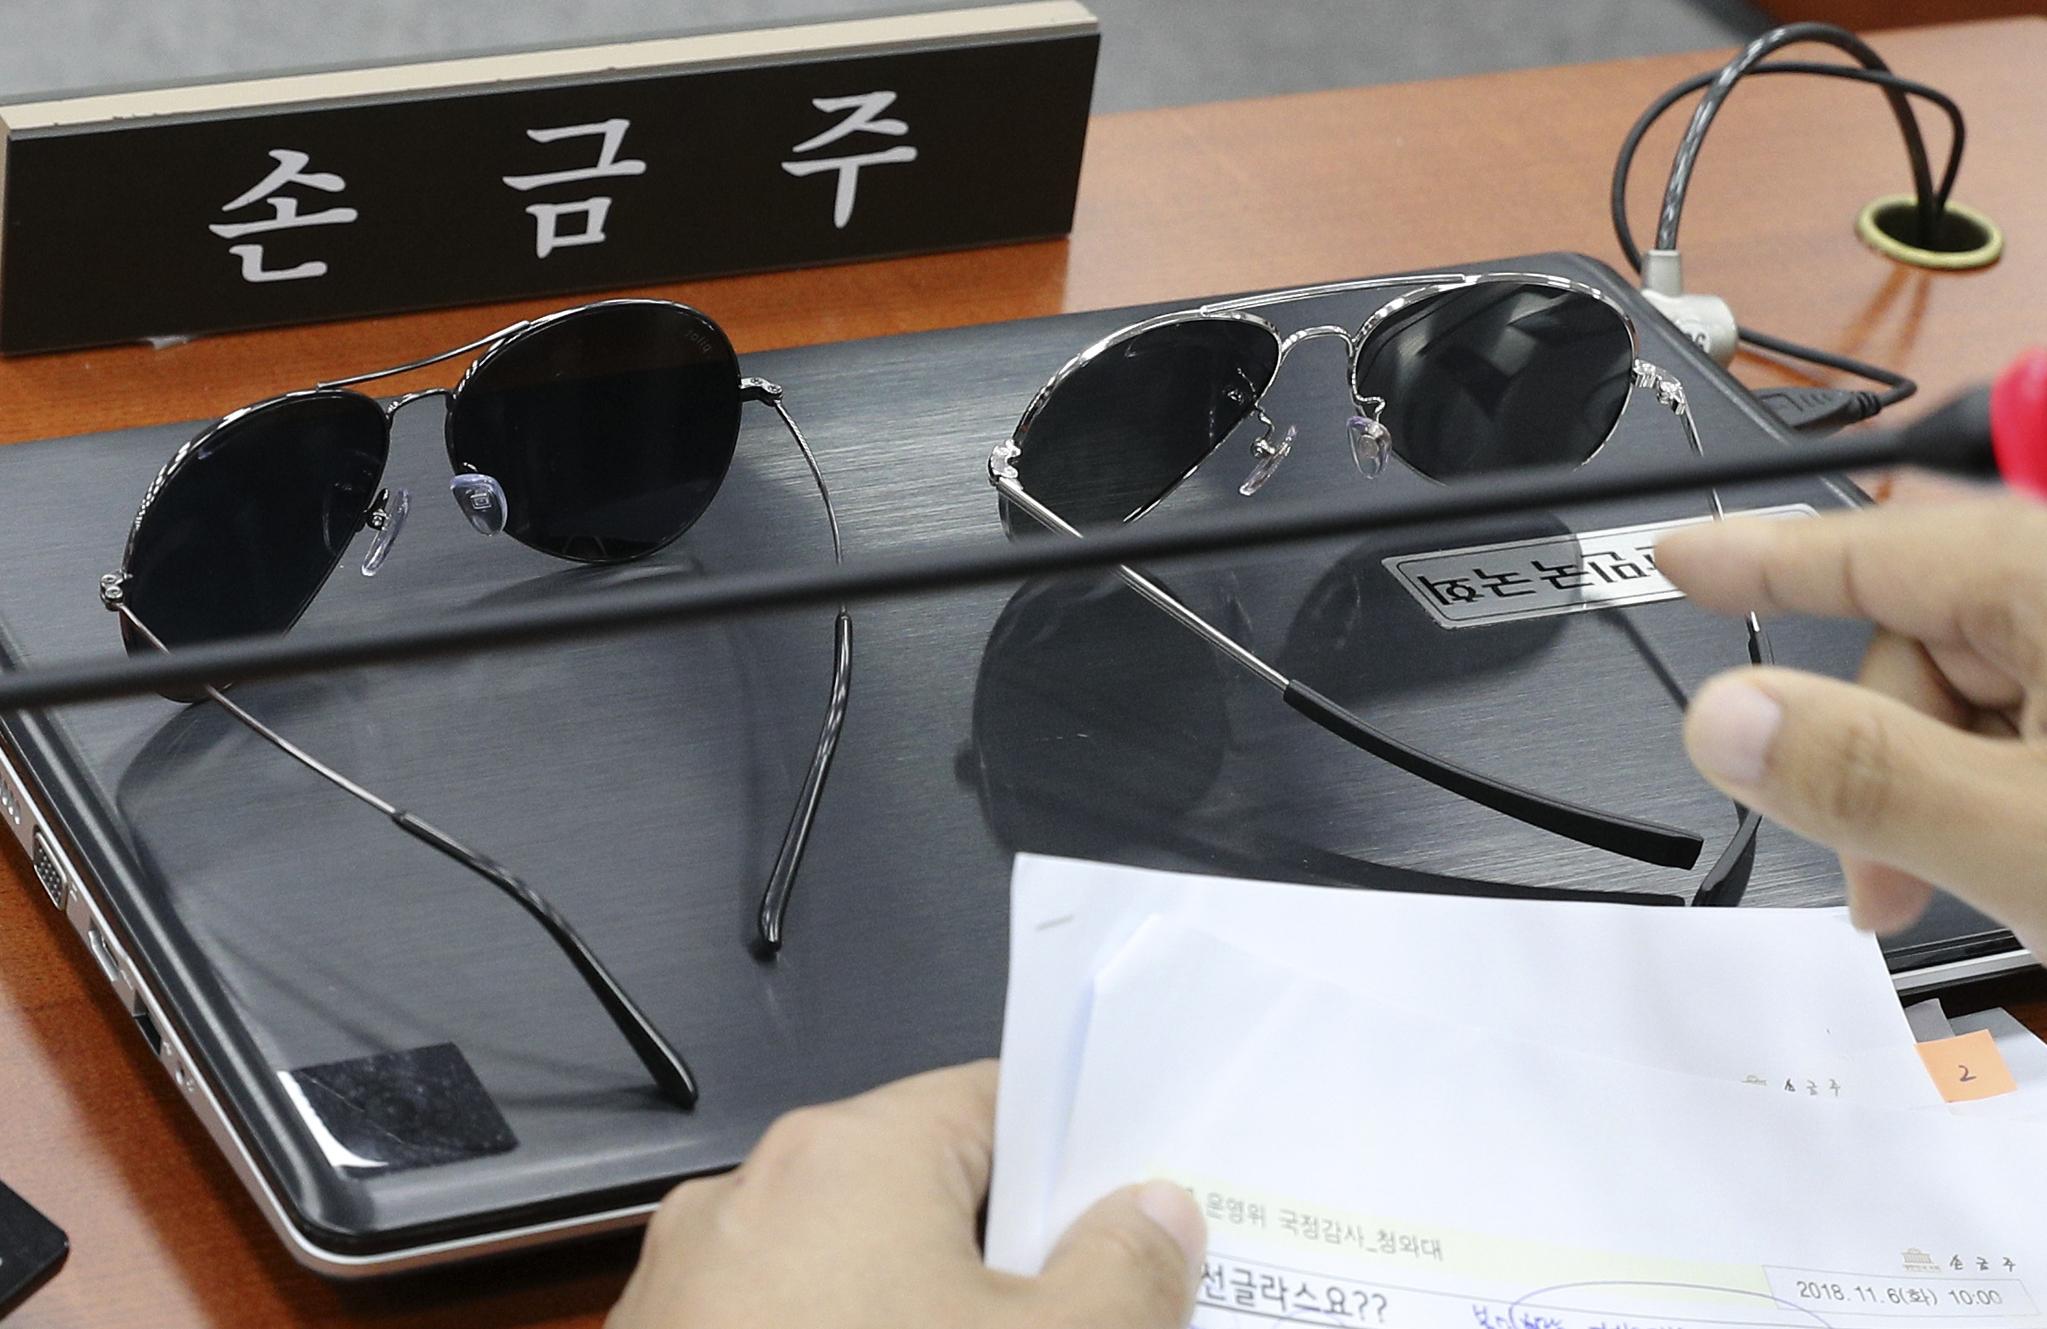 무소속 손금주 의원이 6일 국회에서 열린 국회 운영위원회의 청와대에 대한 국정감사에서 임종석 청와대 비서실장이 비무장지대 방문 때 사용했던 것과 비슷한 선글라스를 가져와 질의를 하고 있다. 임현동 기자